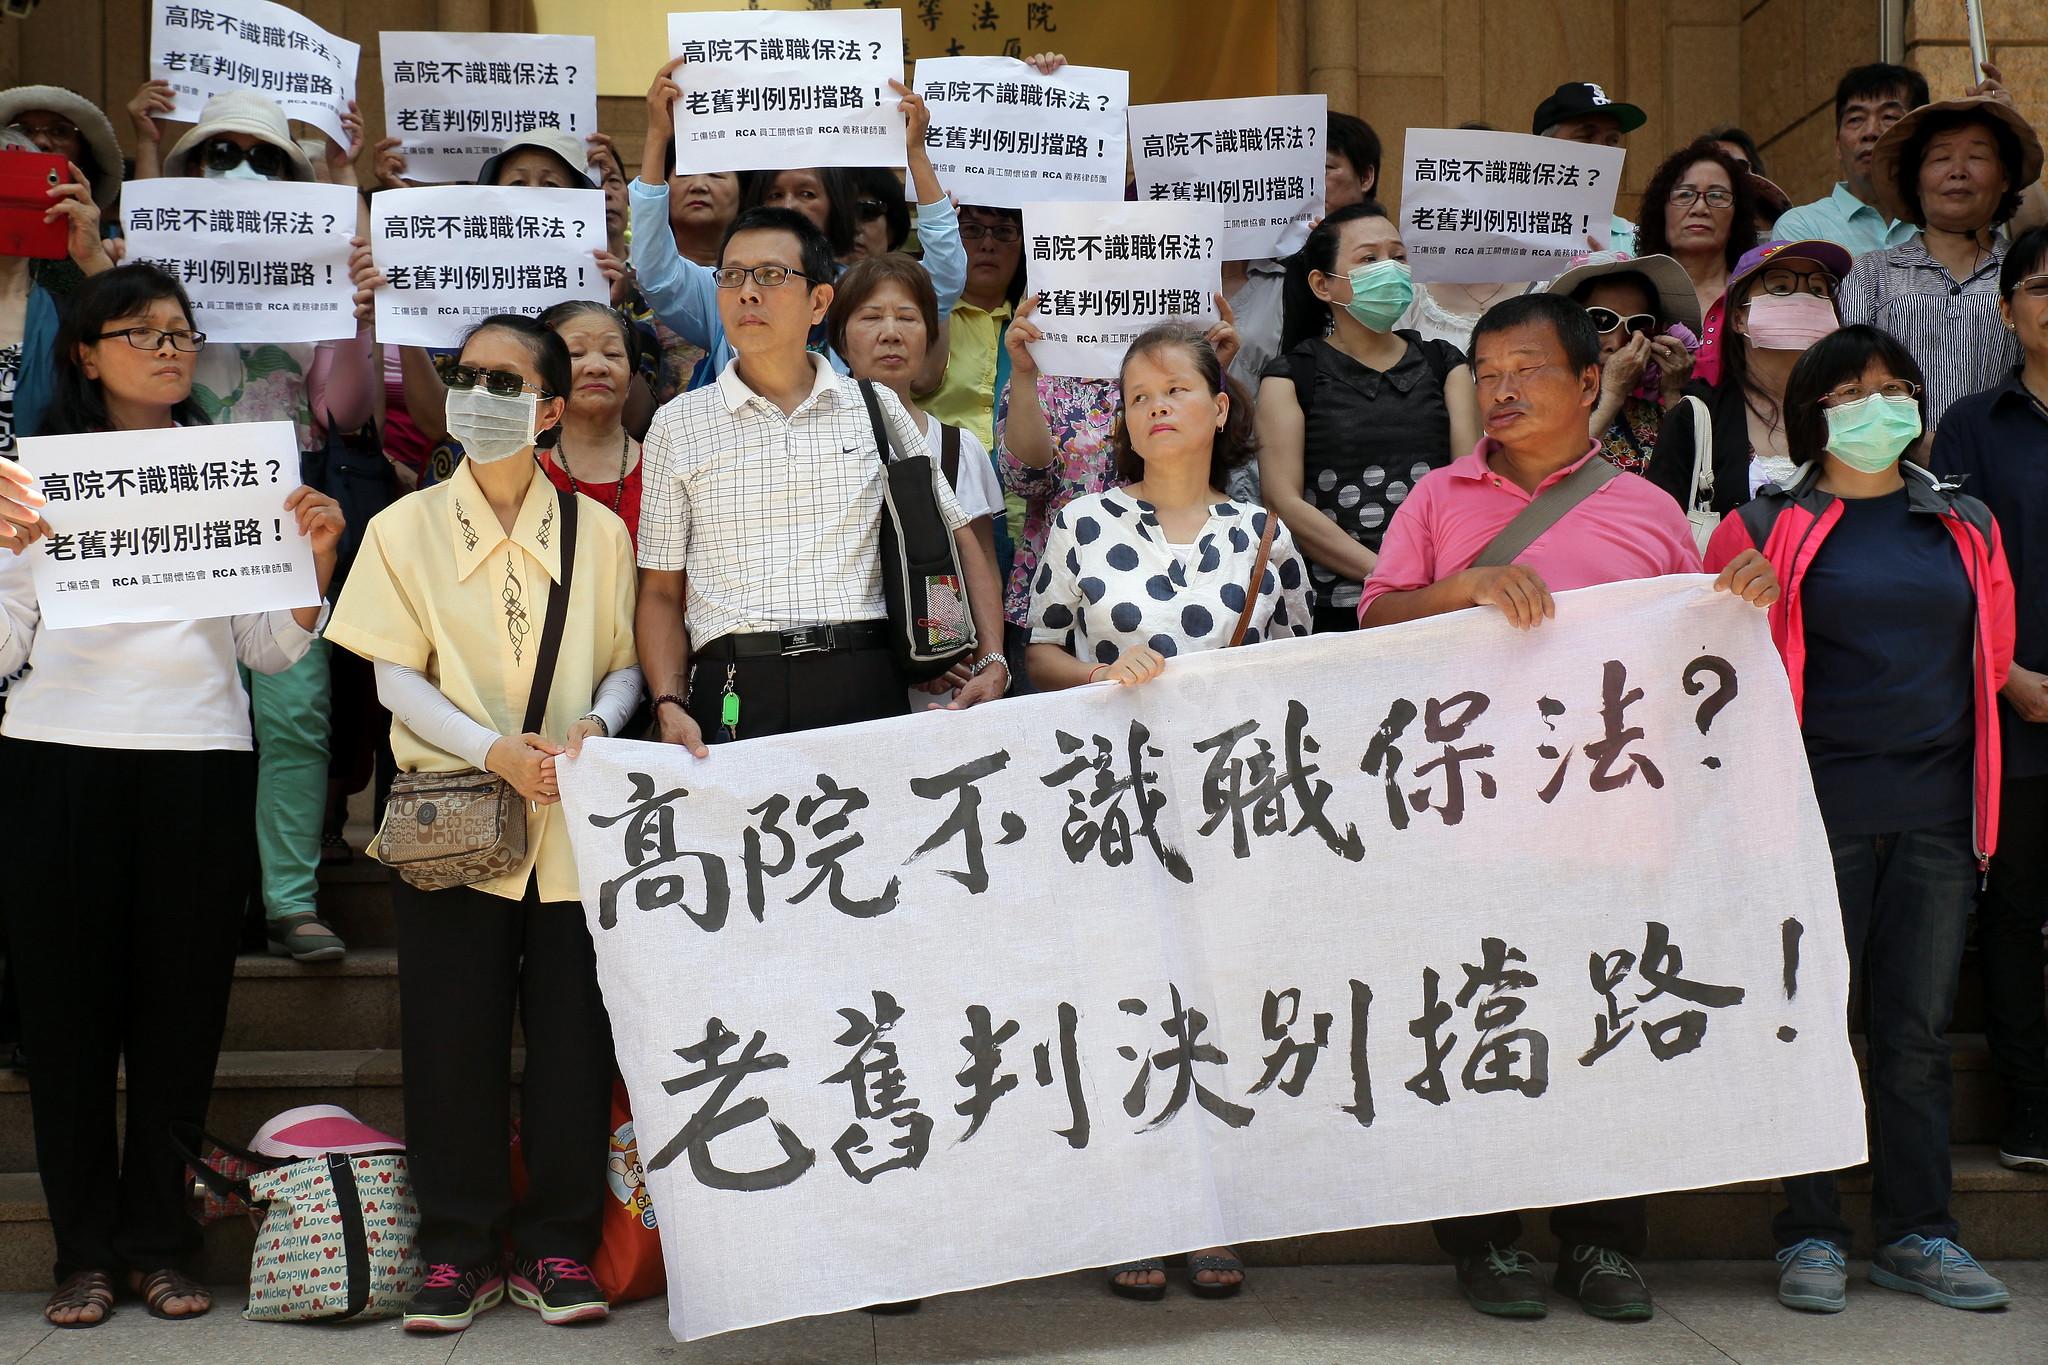 工傷協會與RCA關懷協會一同到法院前召開記者會,呼籲台灣最高法院考量《職災勞工保護法》第32條做出對職災工人有利的裁定。(攝影:陳逸婷)